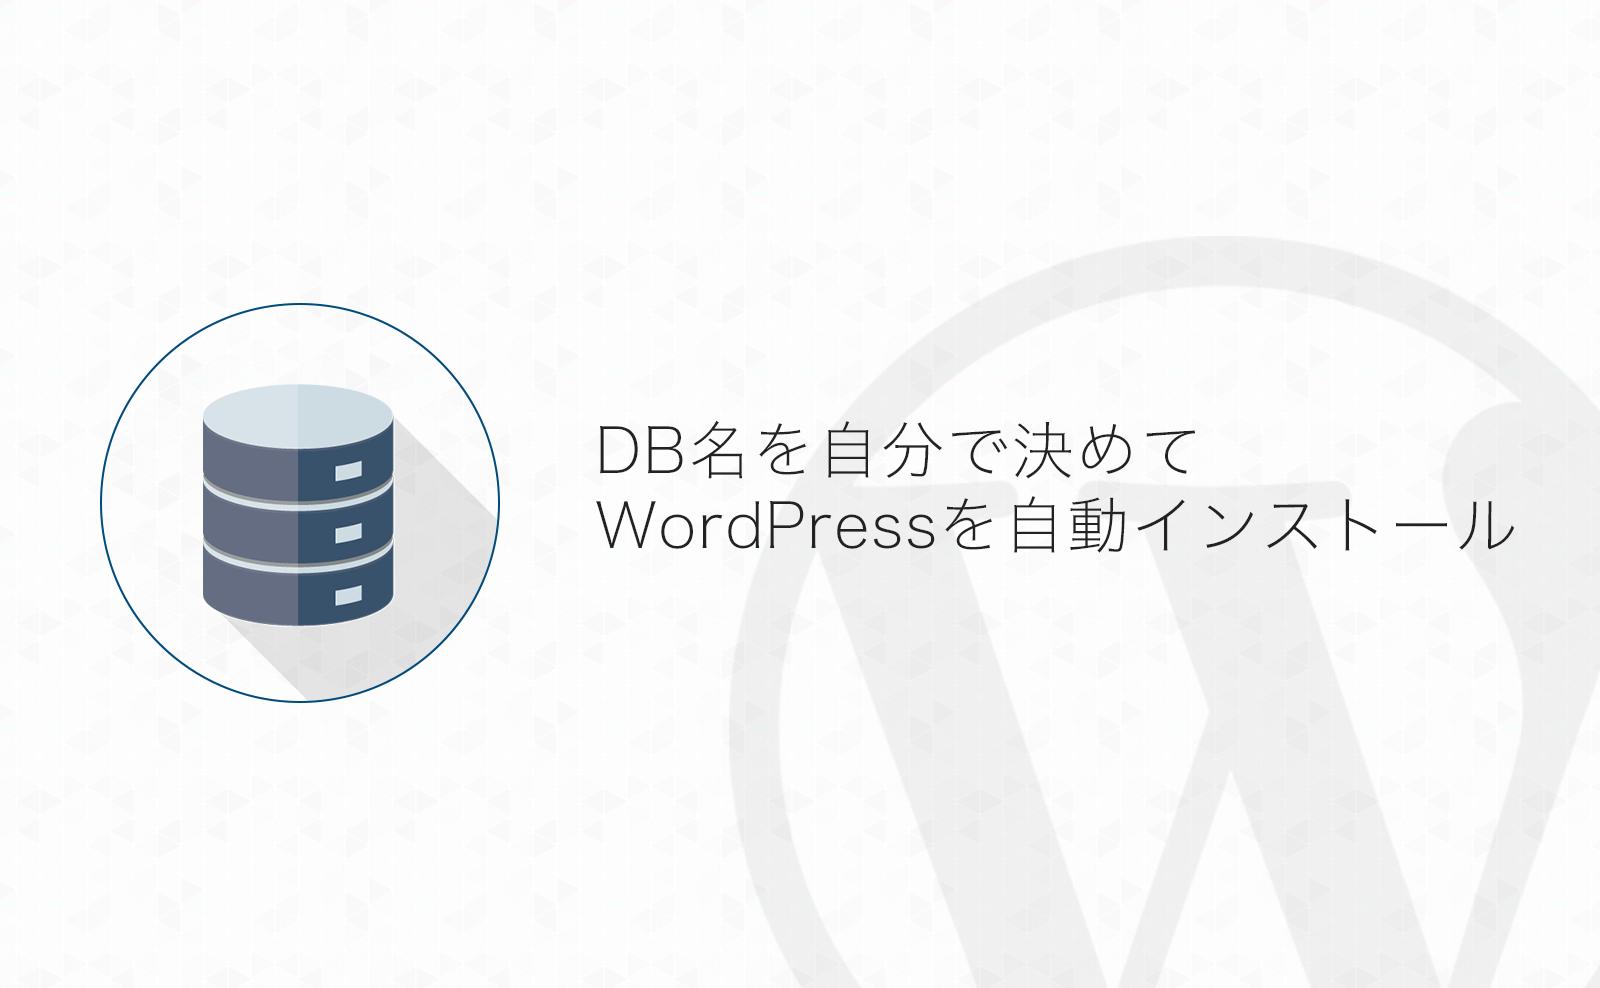 【エックスサーバー】任意のDB名でWordPressを自動インストールする方法